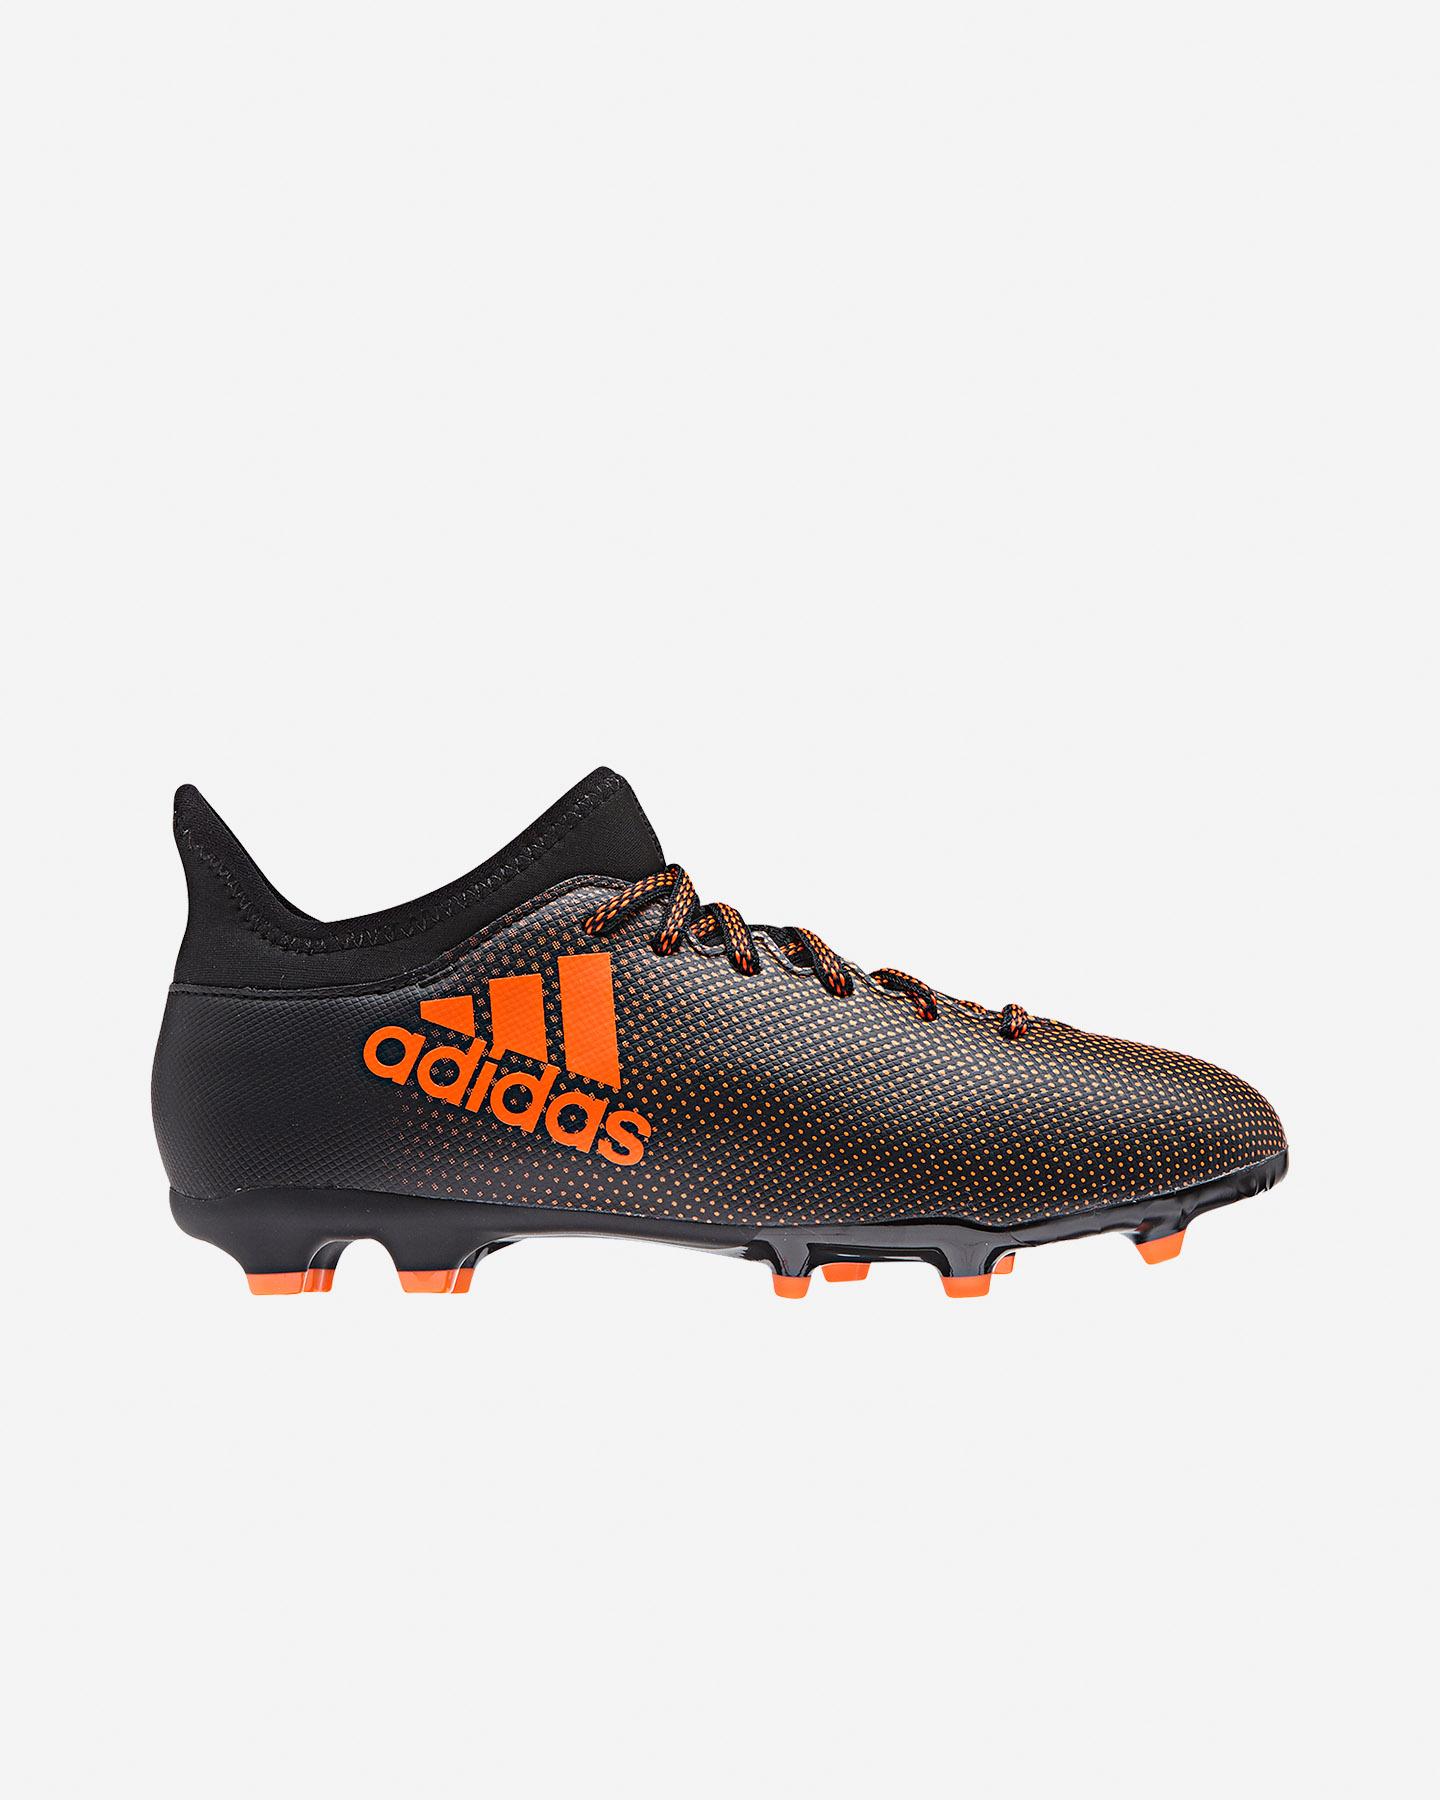 scarpe calcio adidas prezzi bassi